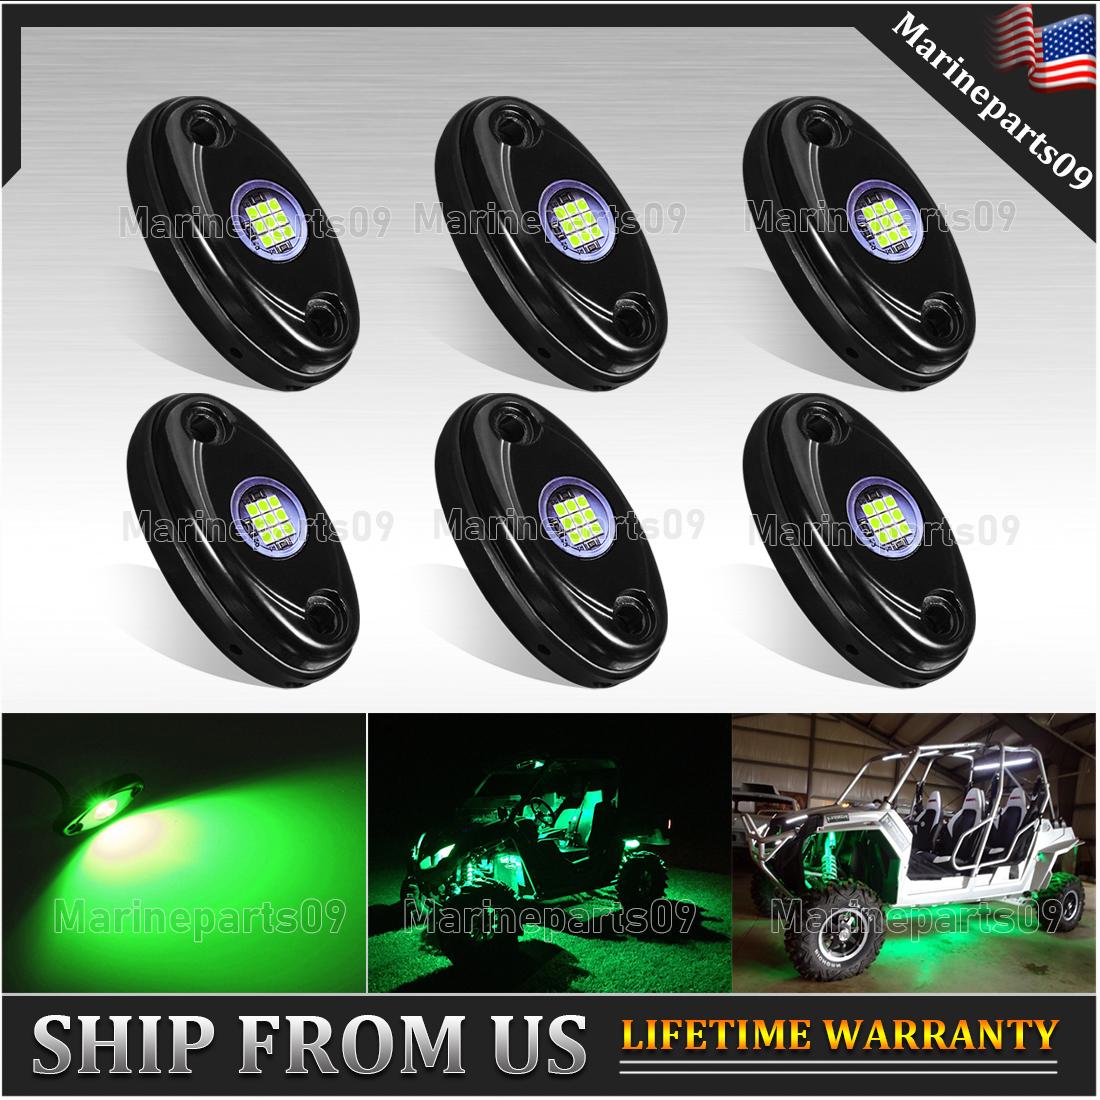 PSEQT 10 Pods LED Rock Lights Underbody Light for Ford Jeep Offroad Truck UTV ATV Boat White